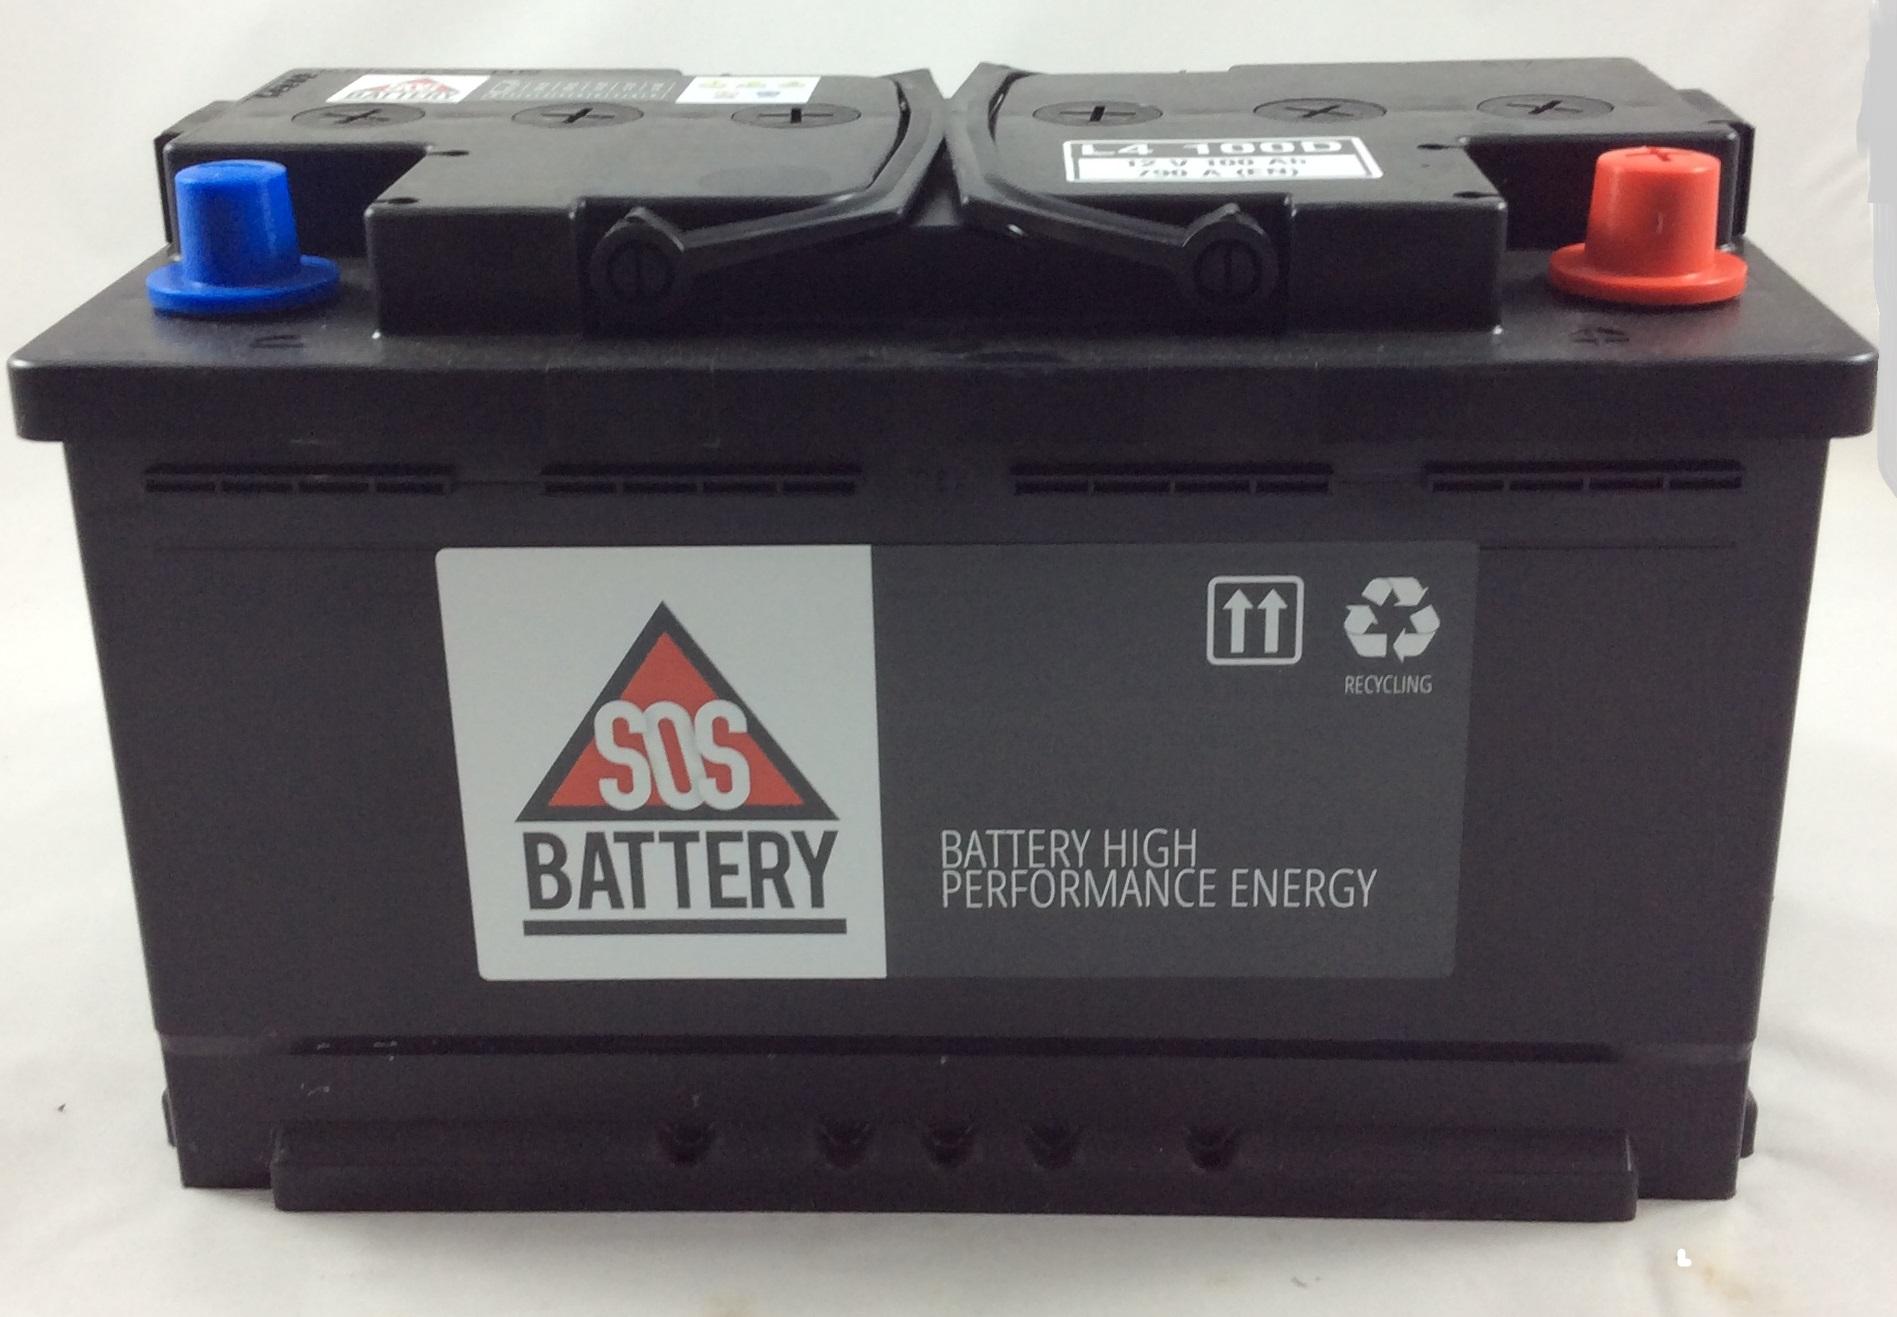 BATTERIA SOS BATTERY 12V 100AH 790A(EN) L4100D-